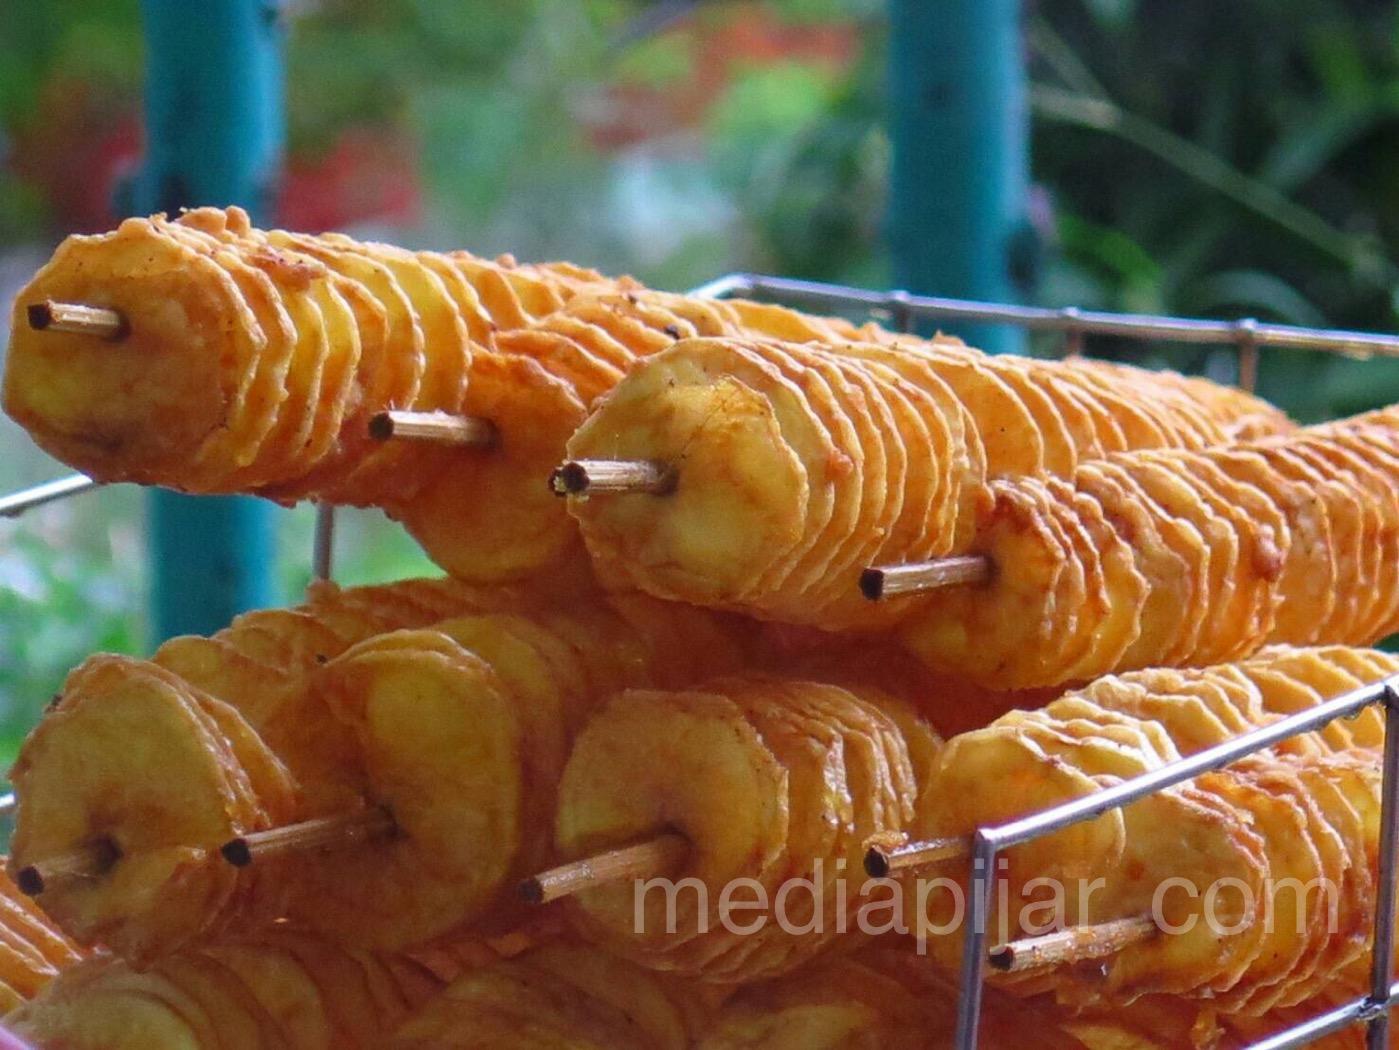 Kenikmatan dalam pusaran kentang. (Fotografer: Talitha Nabilah)